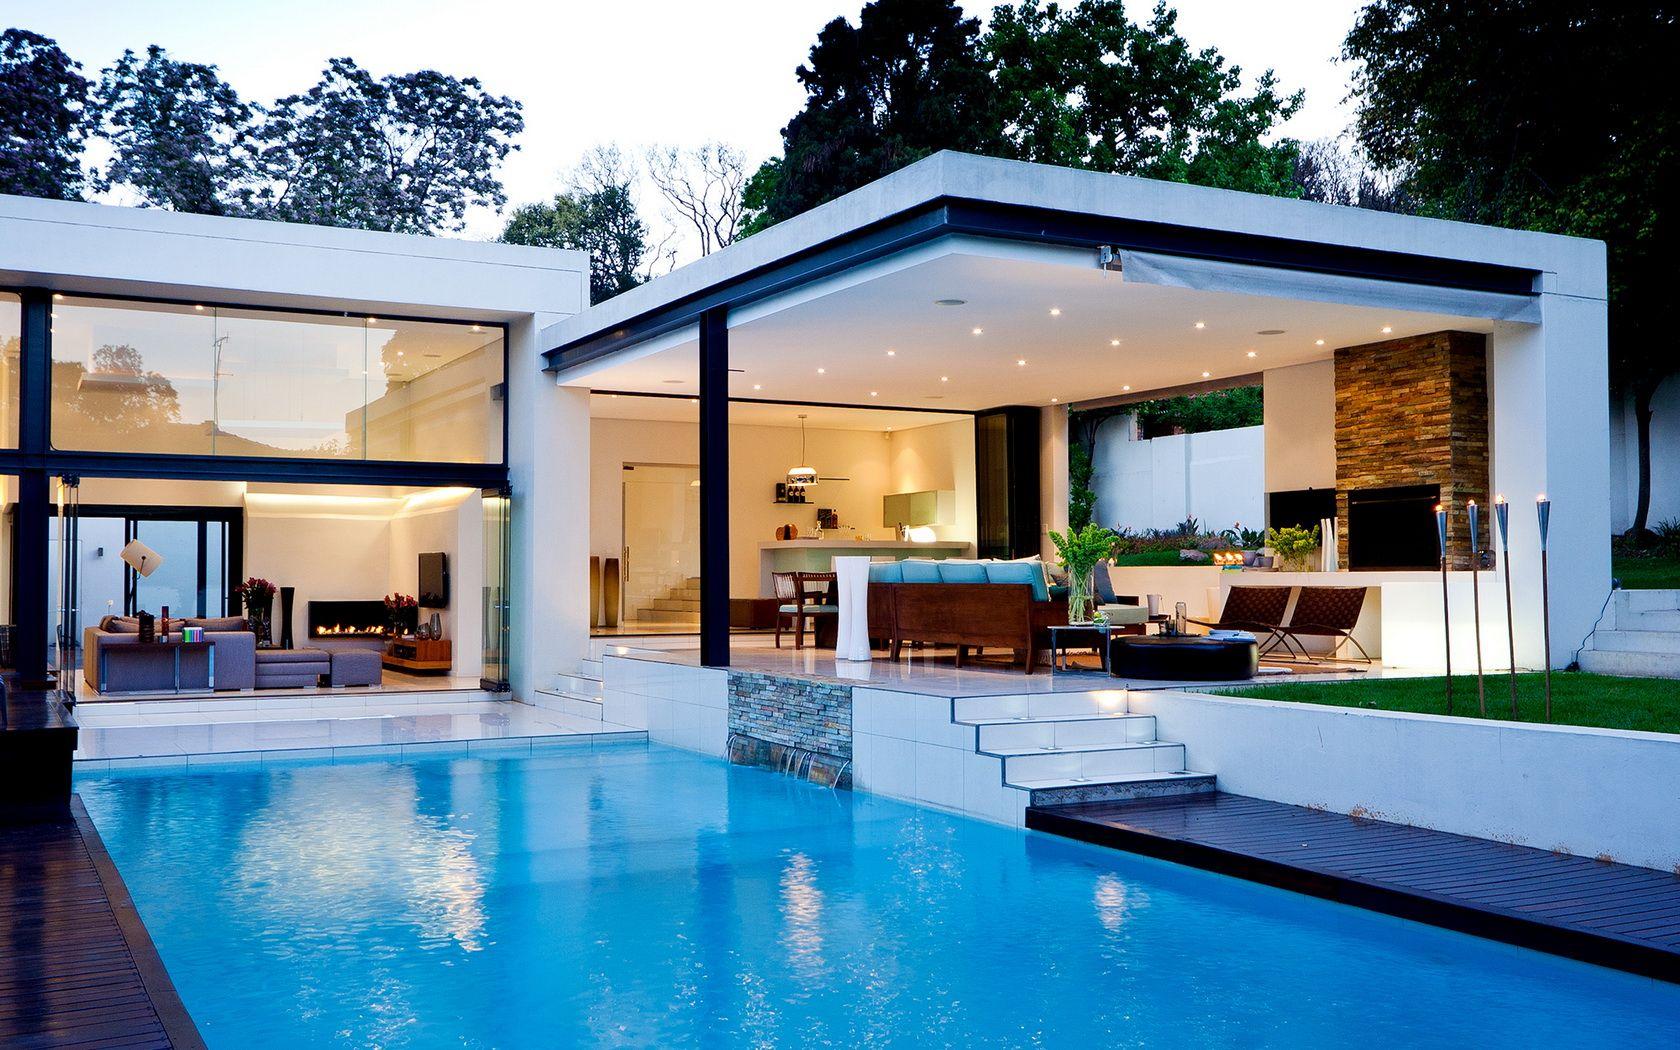 idée de design extérieur belle piscine moderne avec la maison ...